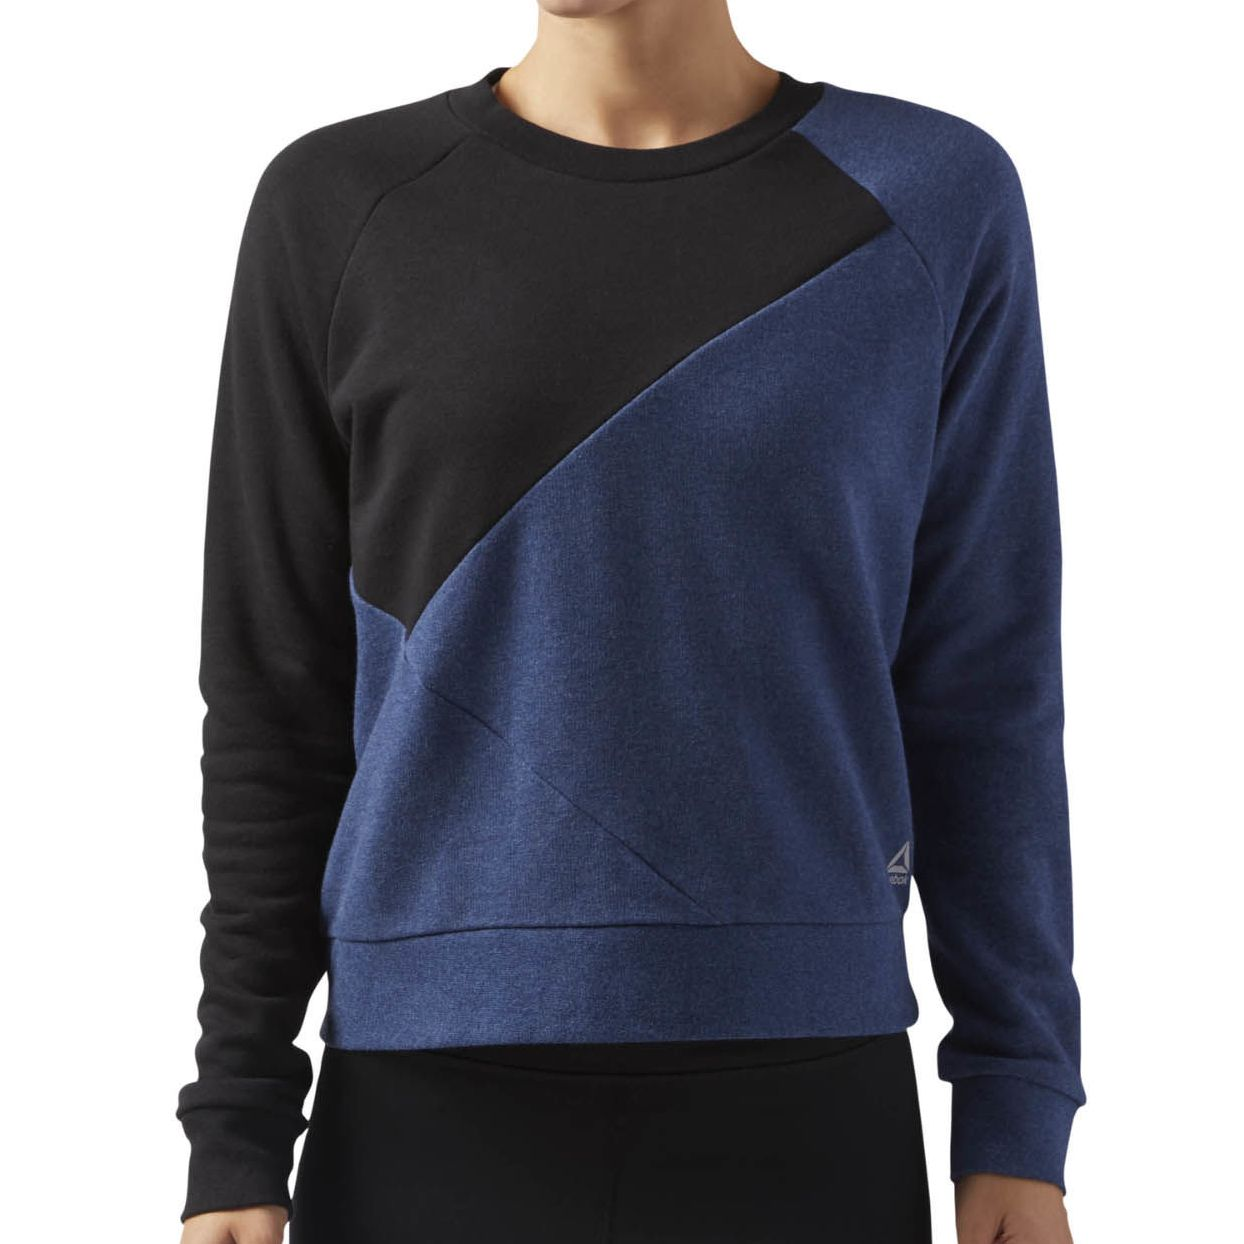 Свитшот женский Reebok Wor Cs Crew Sweat, цвет: черный, синий. CE4500. Размер L (/52)